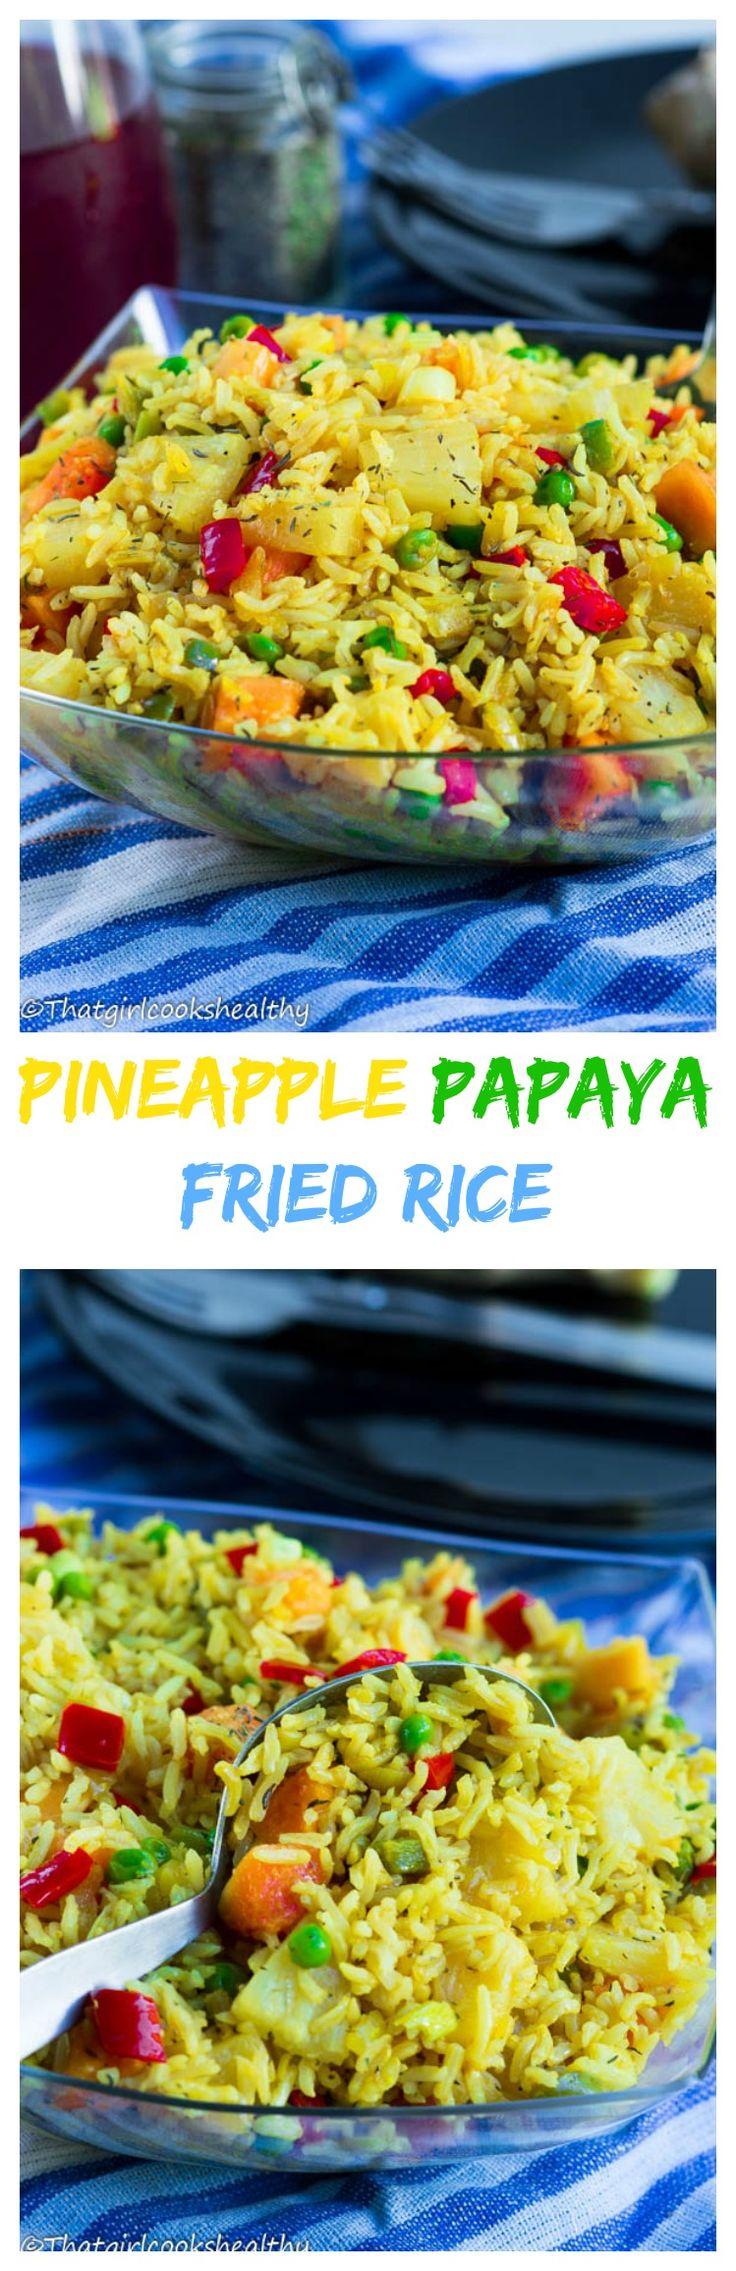 pineapple papaya fried rice   http://thatgirlcookshealthy.com/pineapple-papaya-fried-rice